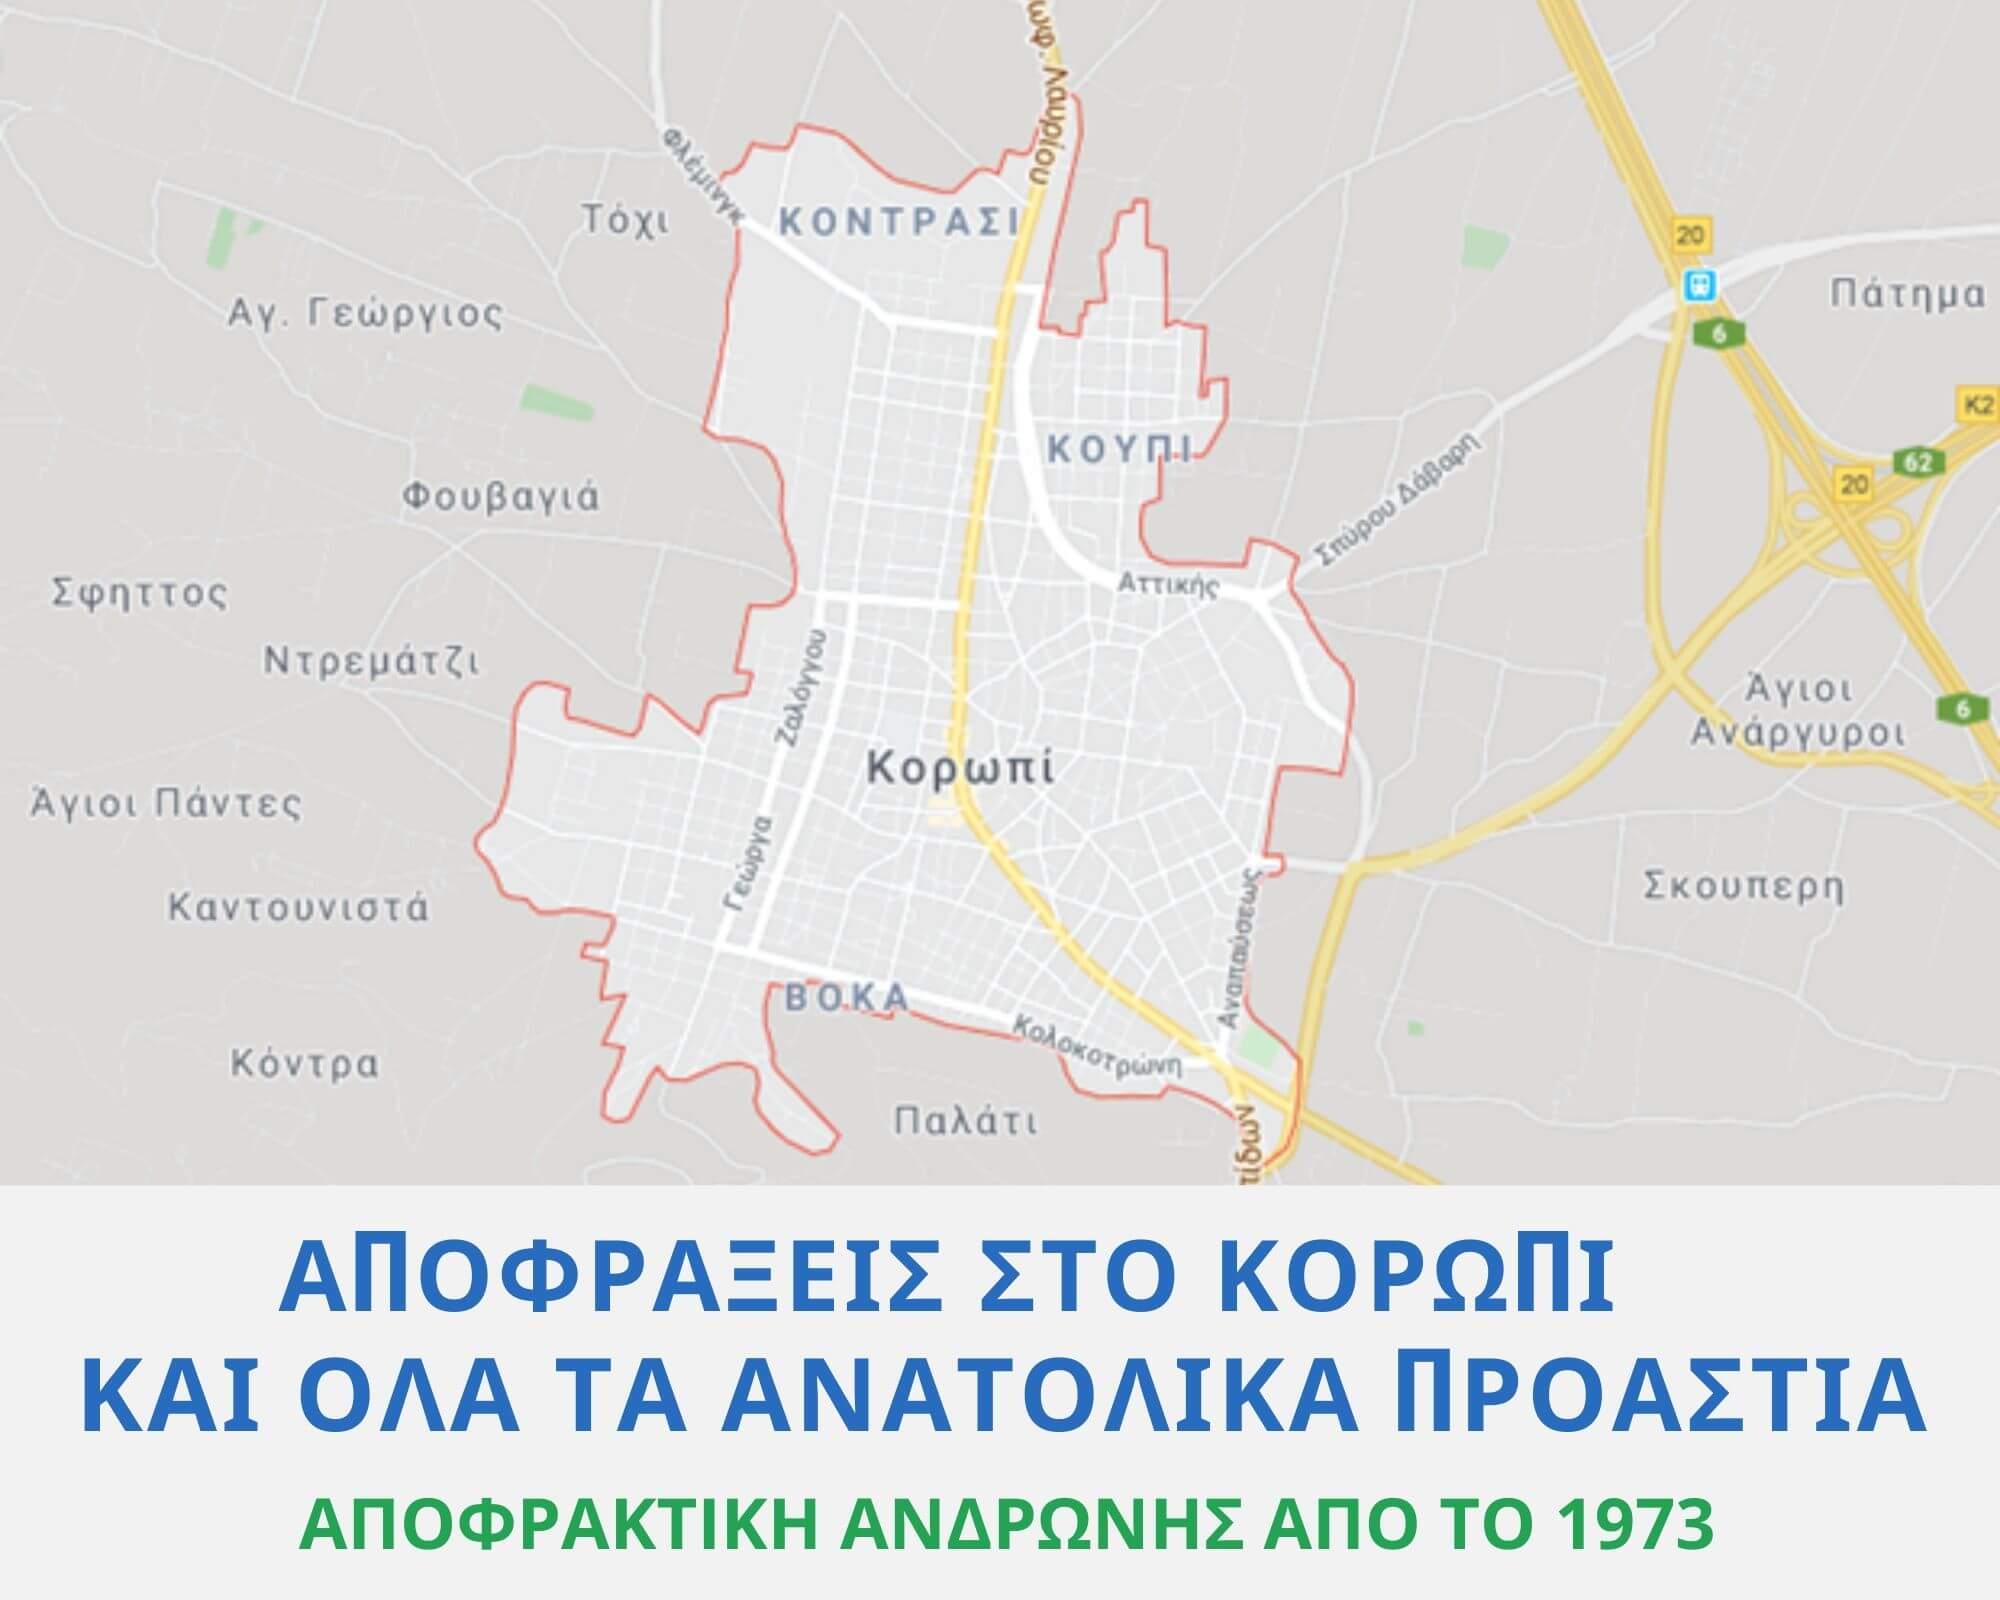 Αποφράξεις Κορωπί - 213.02.50.818 - Αποφράξεις Αθήνα